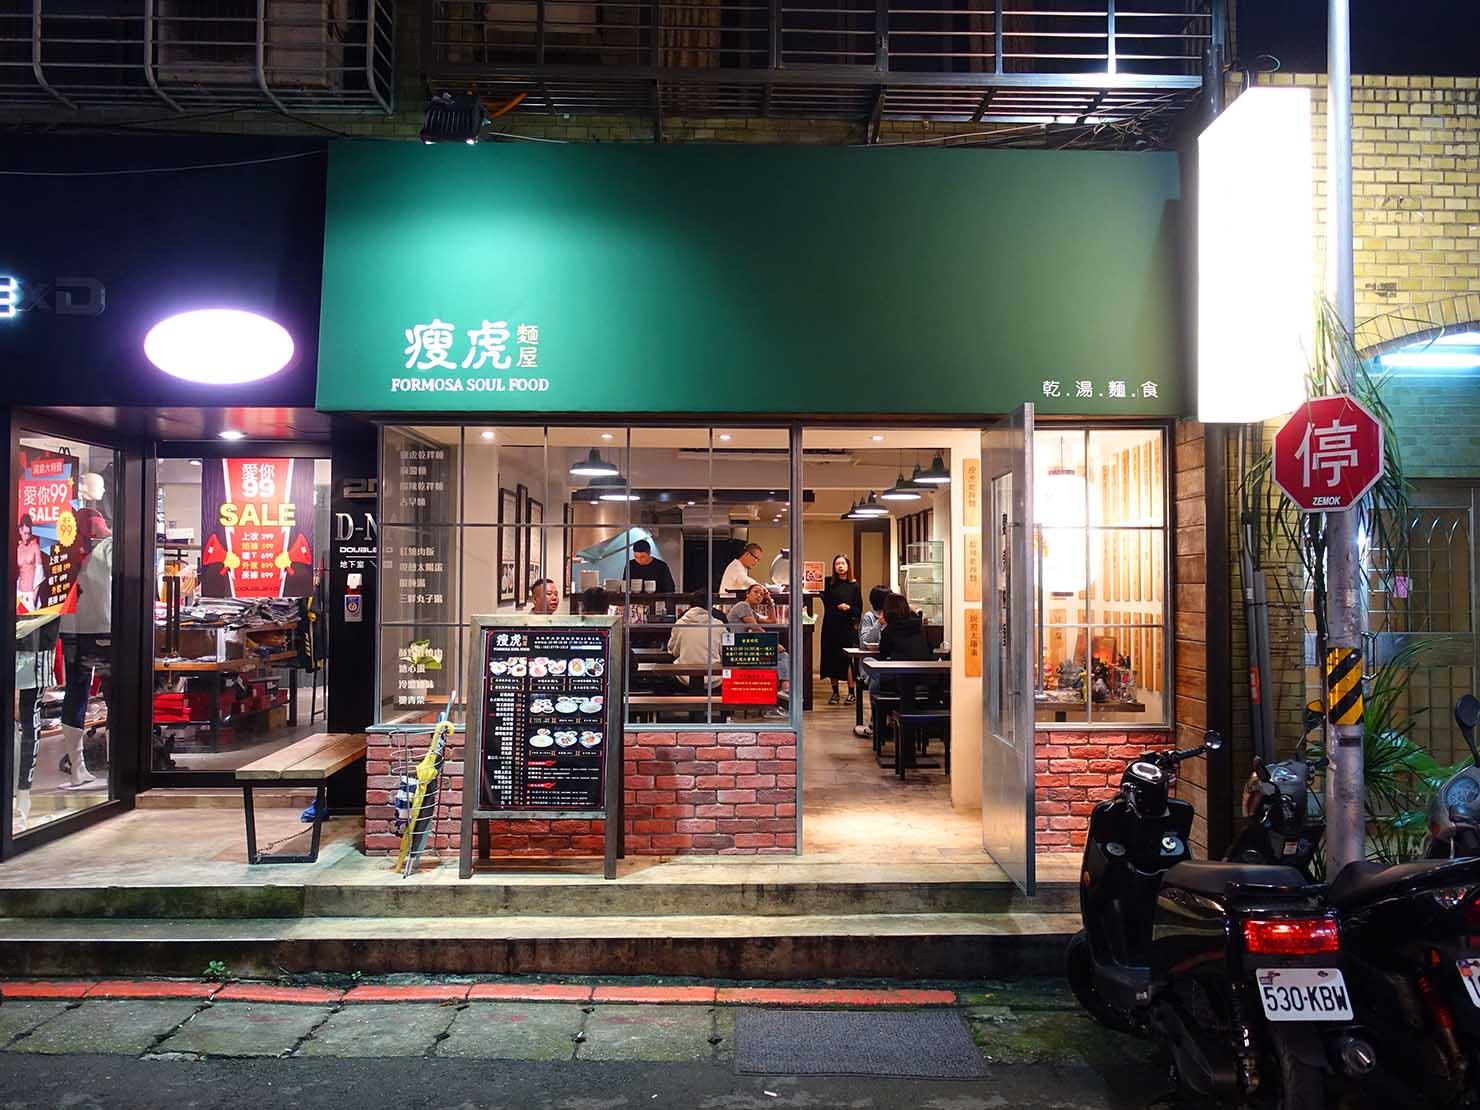 台北・忠孝敦化駅(東區)のおすすめグルメ店「瘦虎麵屋」の外観